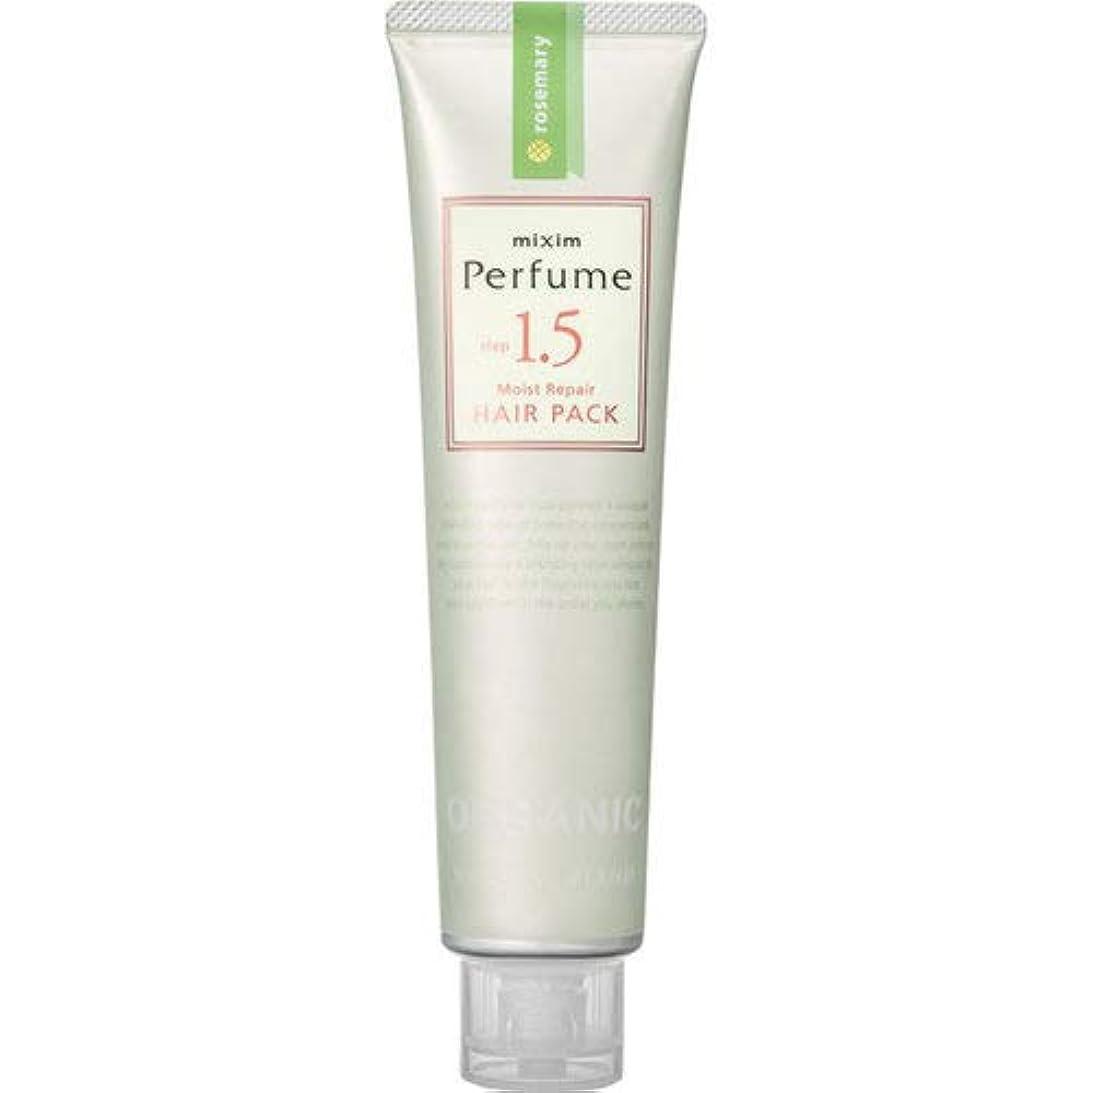 矩形投獄矩形mixim Perfume(ミクシムパフューム) モイストリペア ヘアパック 130g